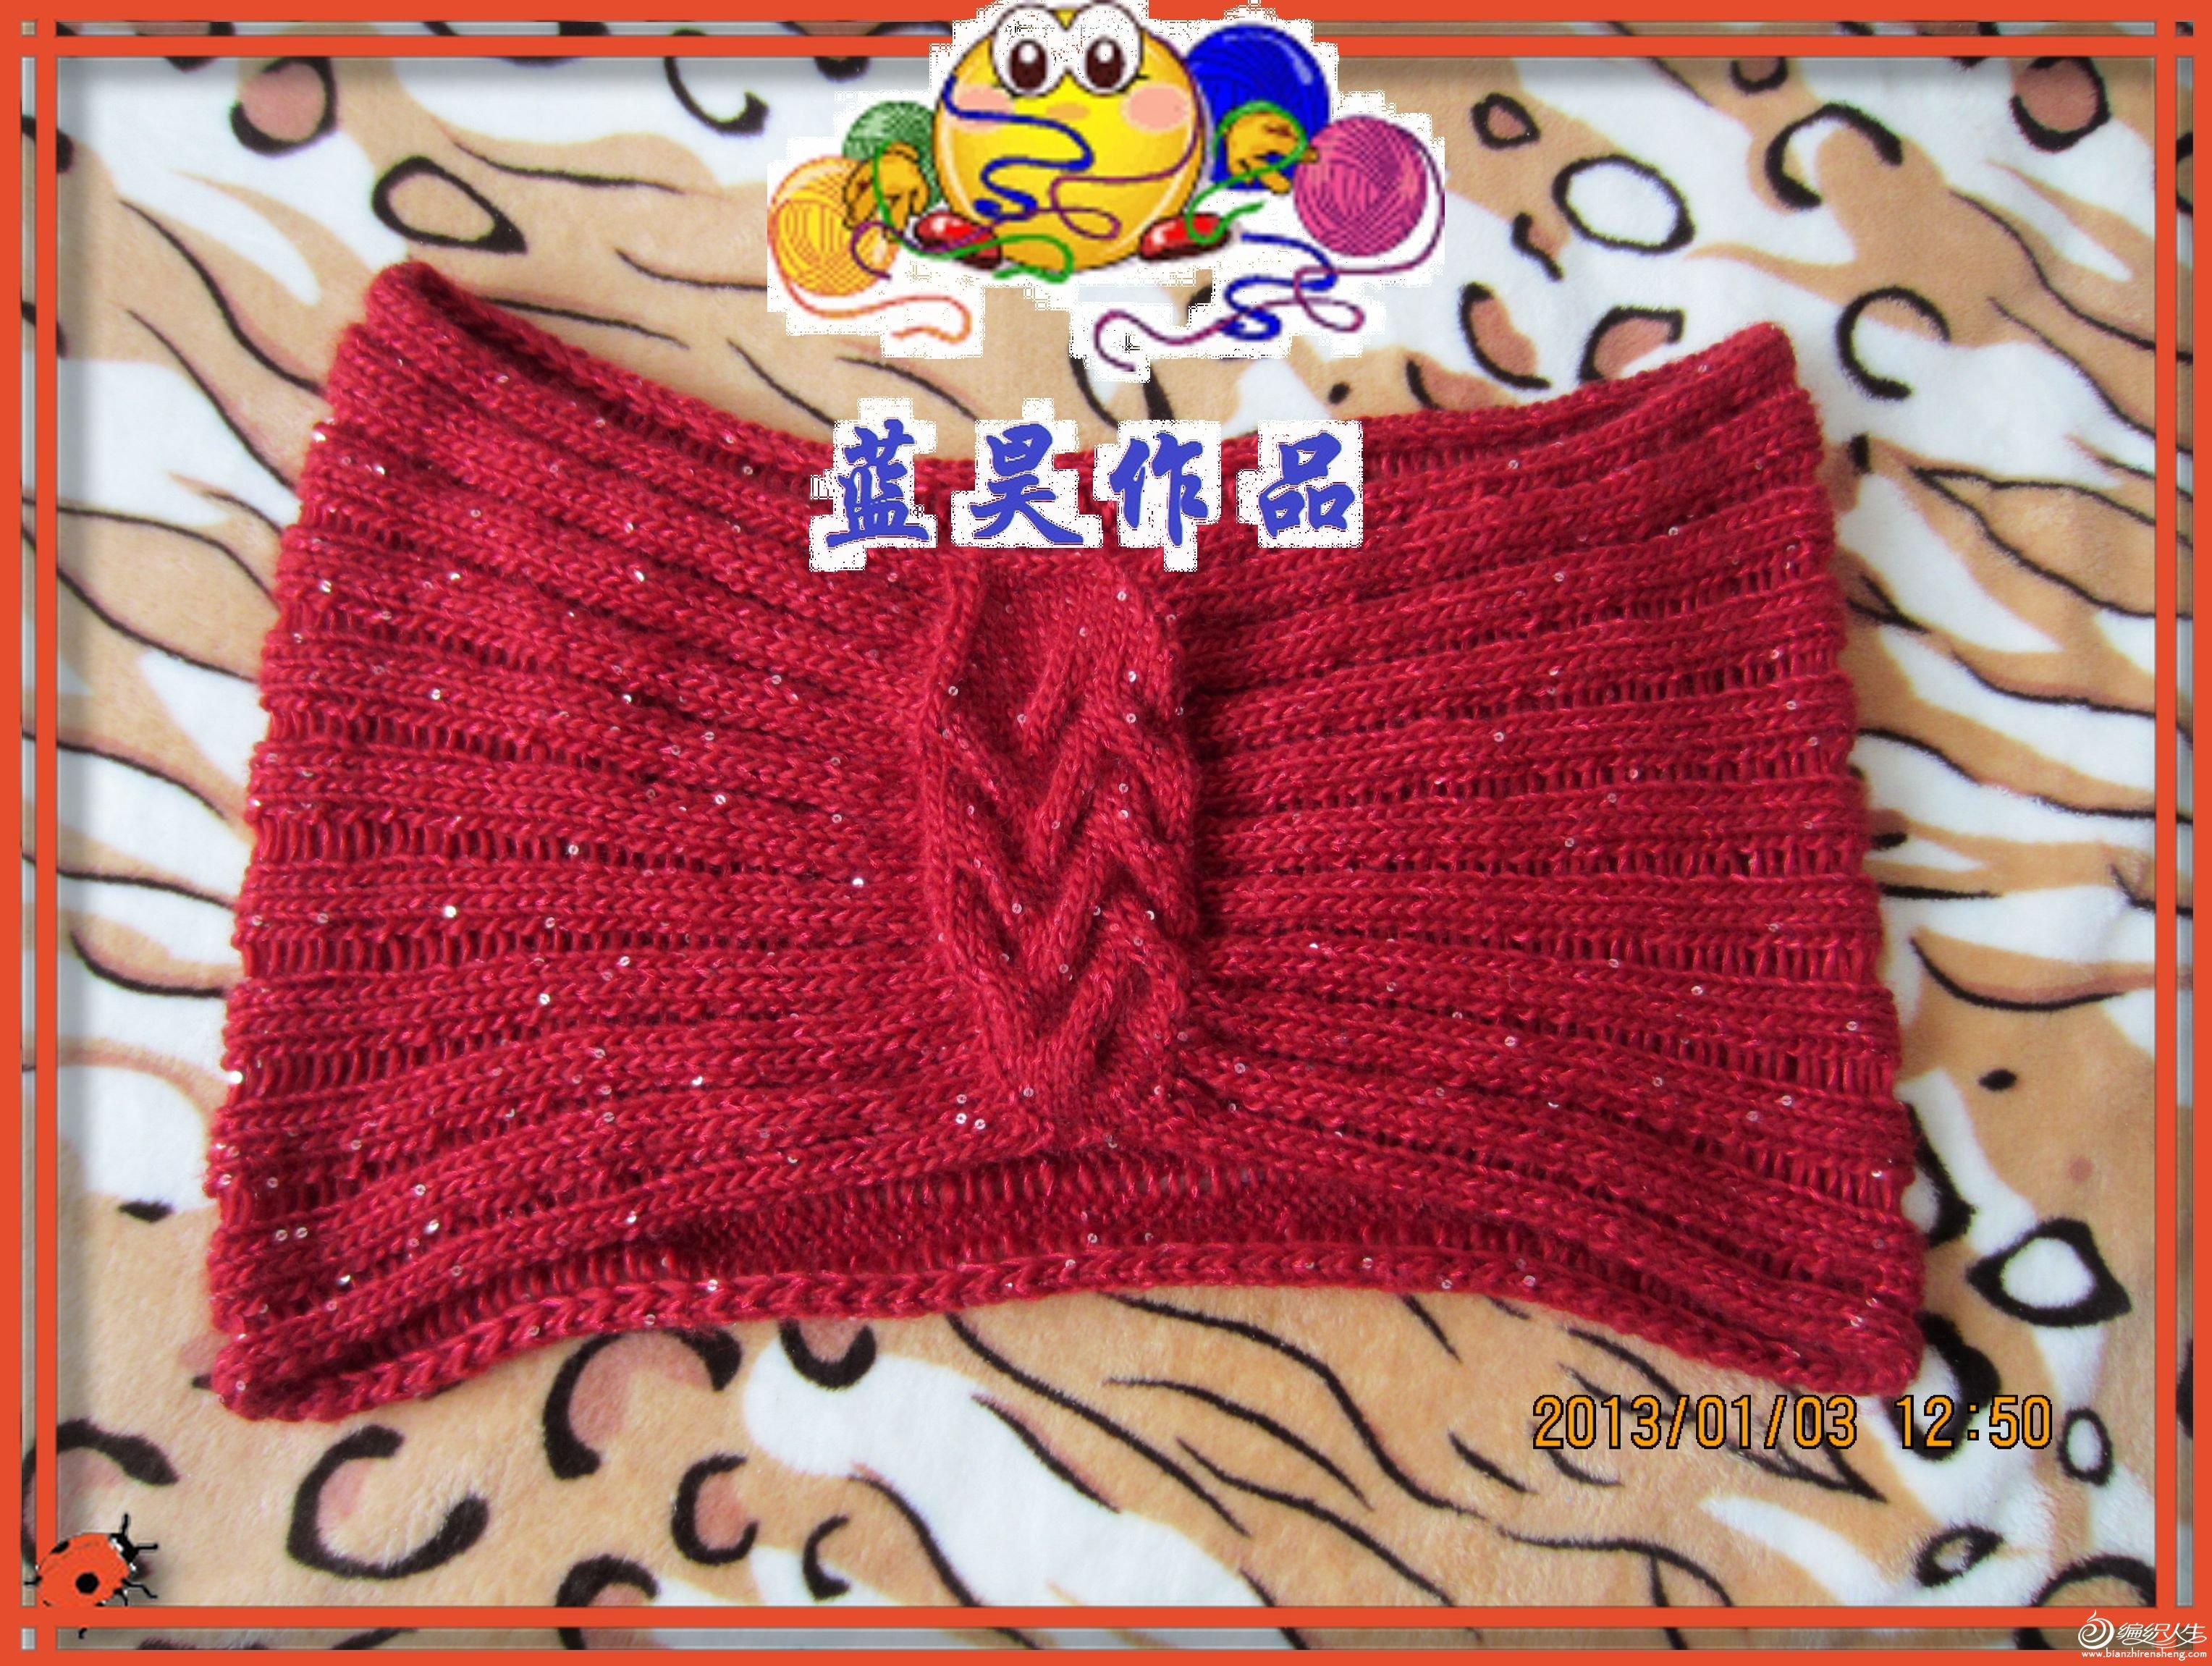 红披肩成品.JPG